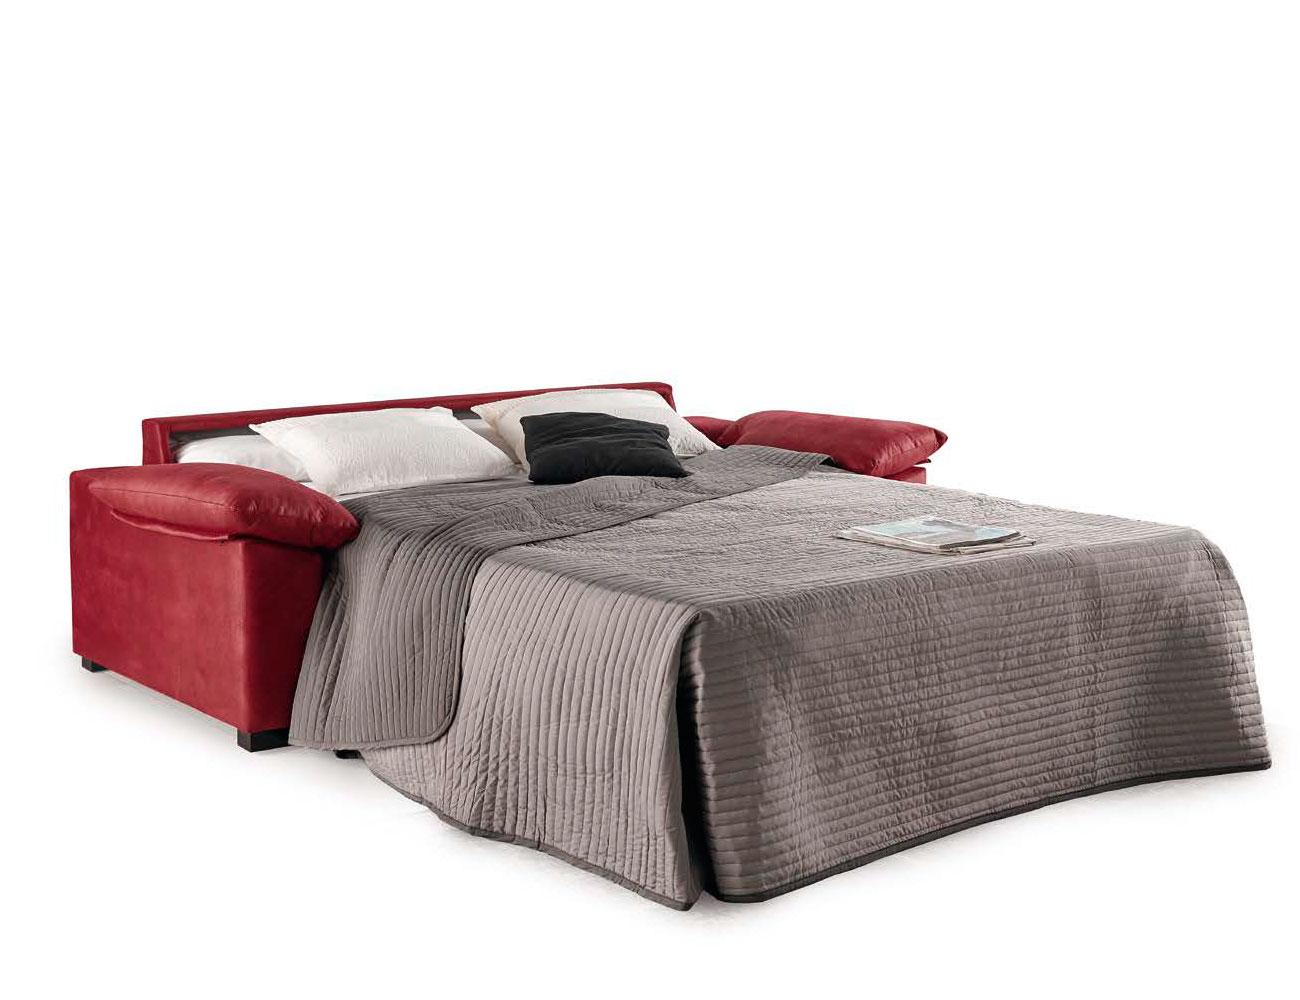 Sofa cama apertura italiano gran calidad leire rojo abierto1